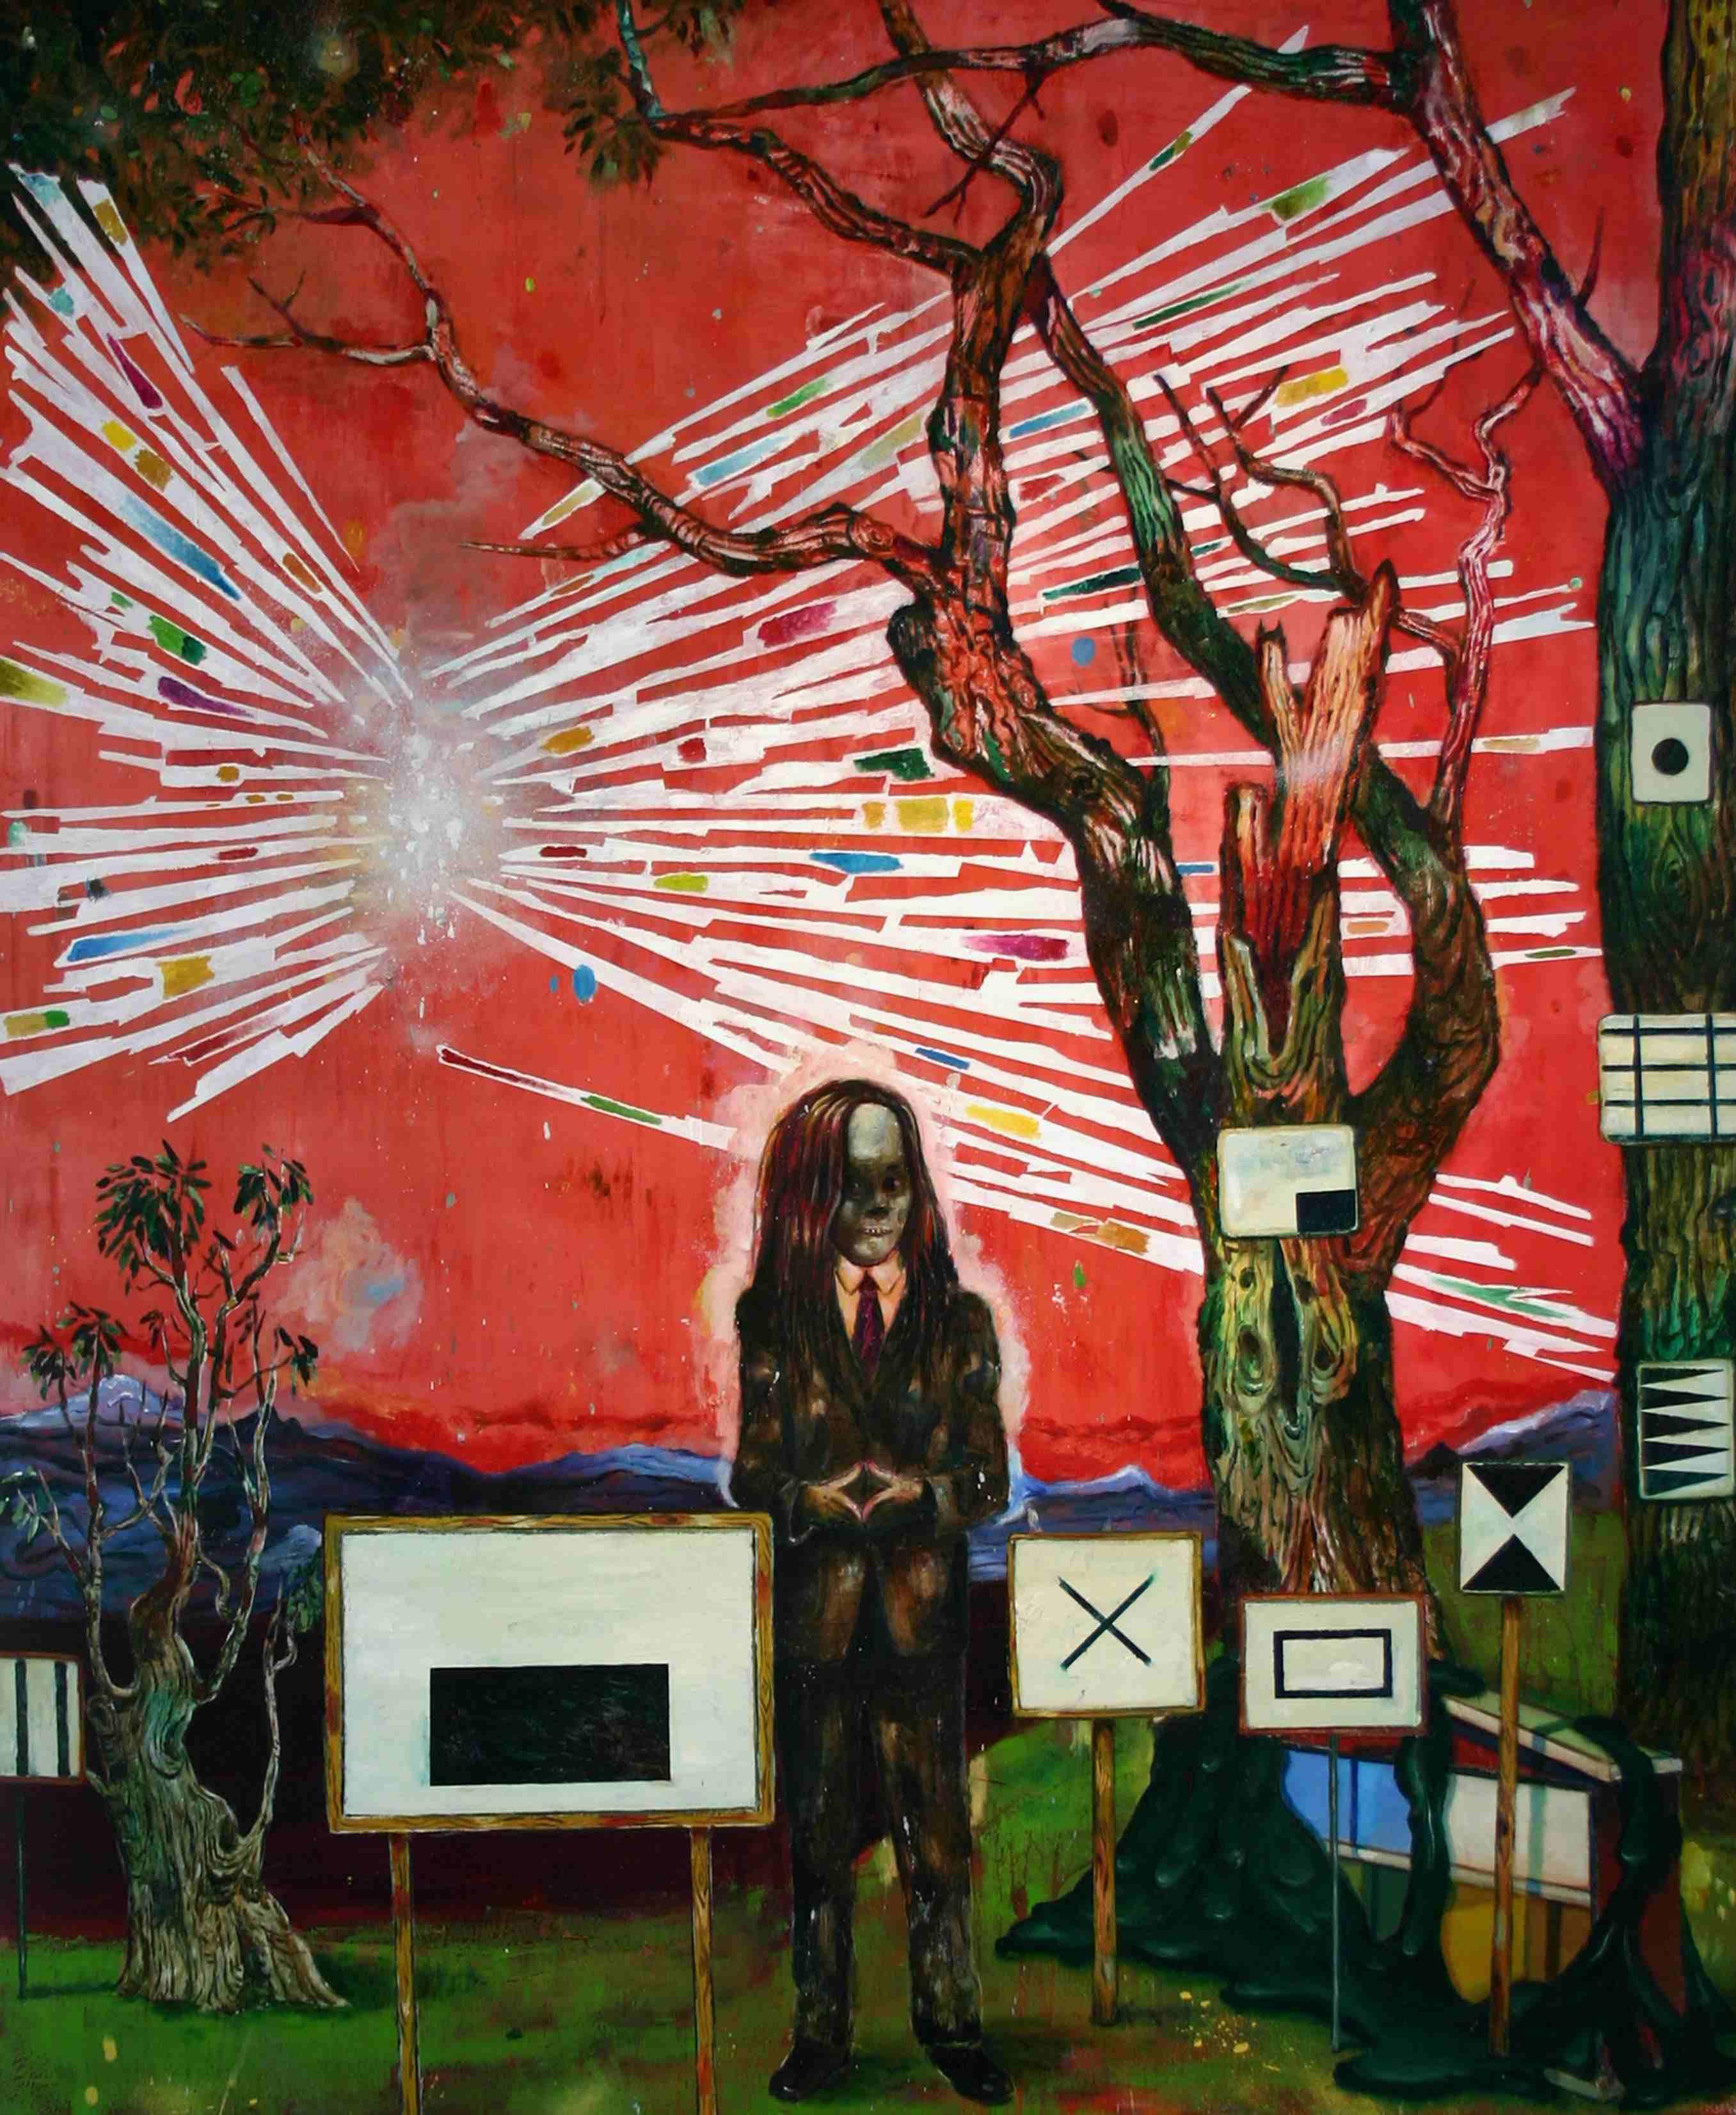 Olle Schmidt, Messangers Message, 2016, oil on canvas, 145 x 120 cm